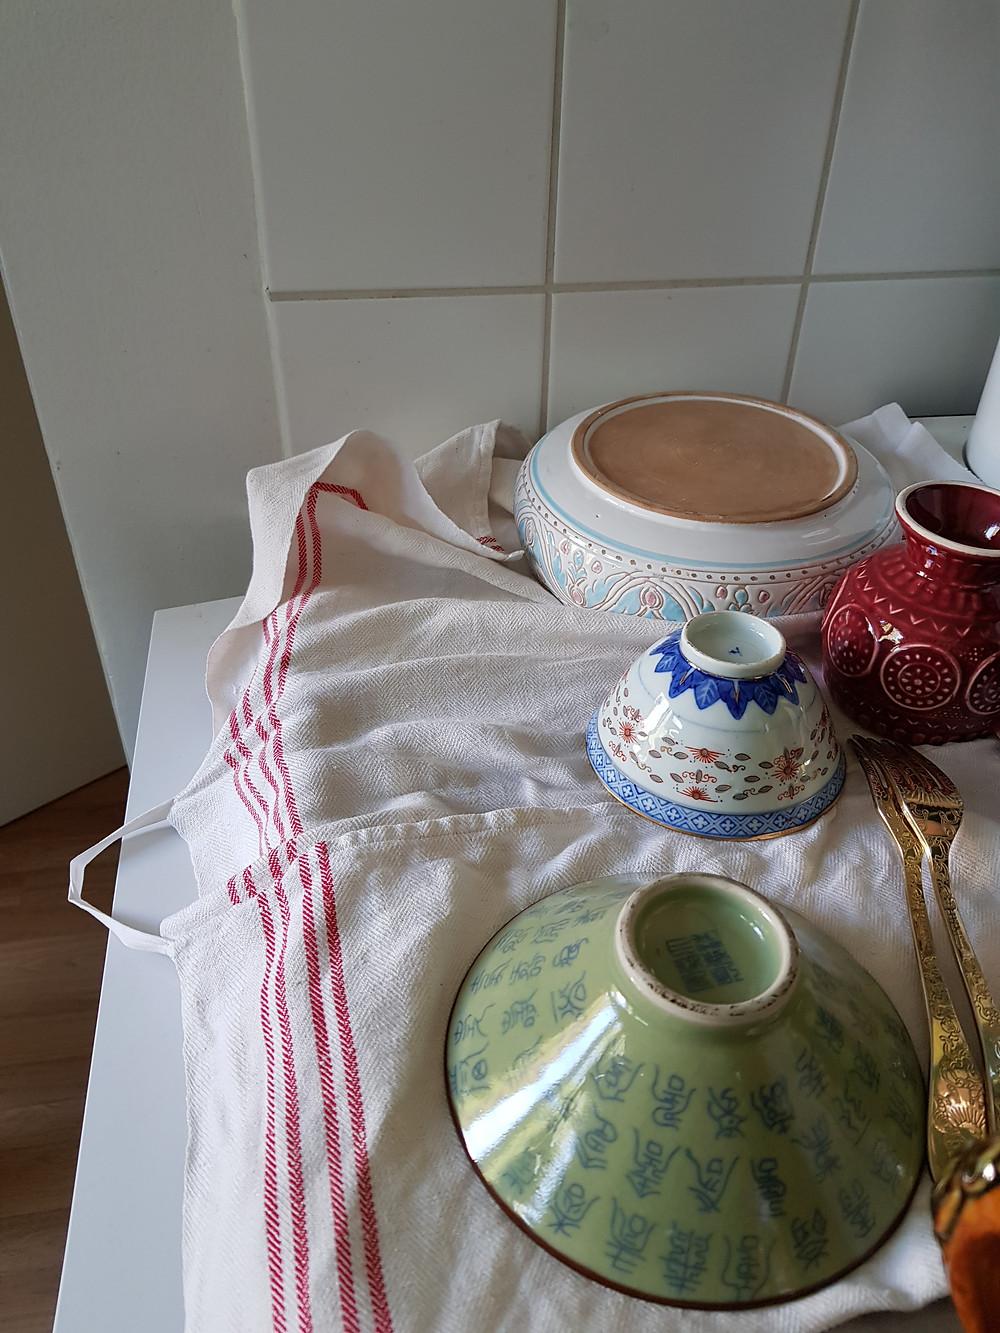 Kuvassa on erivärisiä etnisen tyylisiä astioita kuivumassa tiskipöydällä valkoisen liinan päällä.